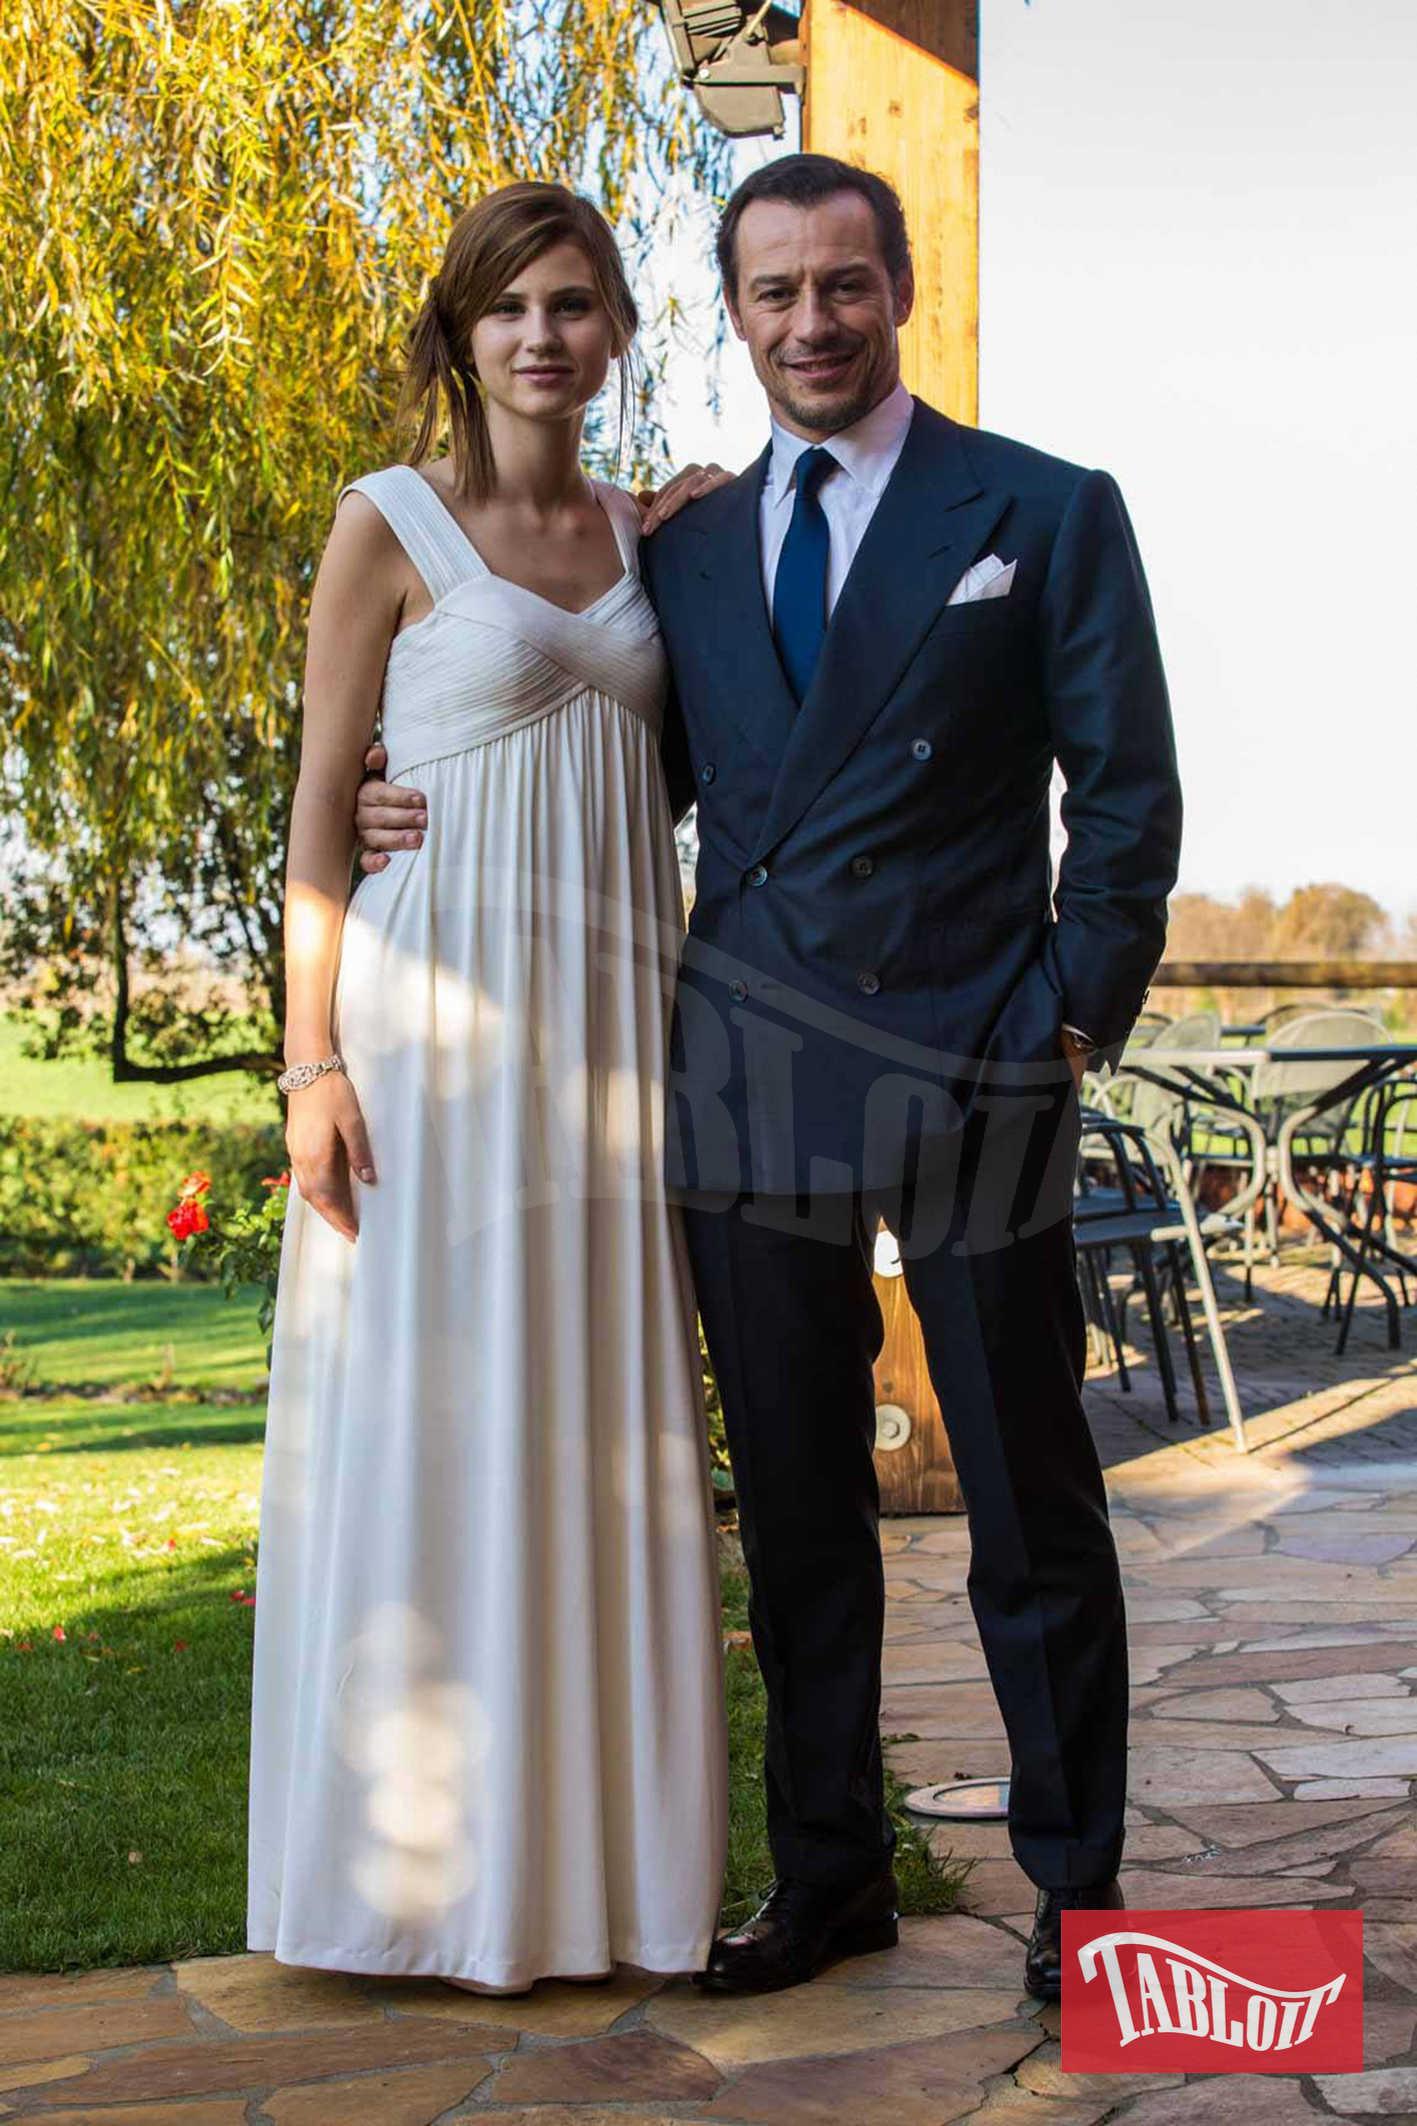 """Stefano Accorsi e Bianca Vitali il giorno del loro matrimonio, il 23 novembre 2015. L'attore e la modella (tra di loro ci sono 20 anni di differenza) si sono conosciuti e innamorati sul set della serie tv """"1992″"""